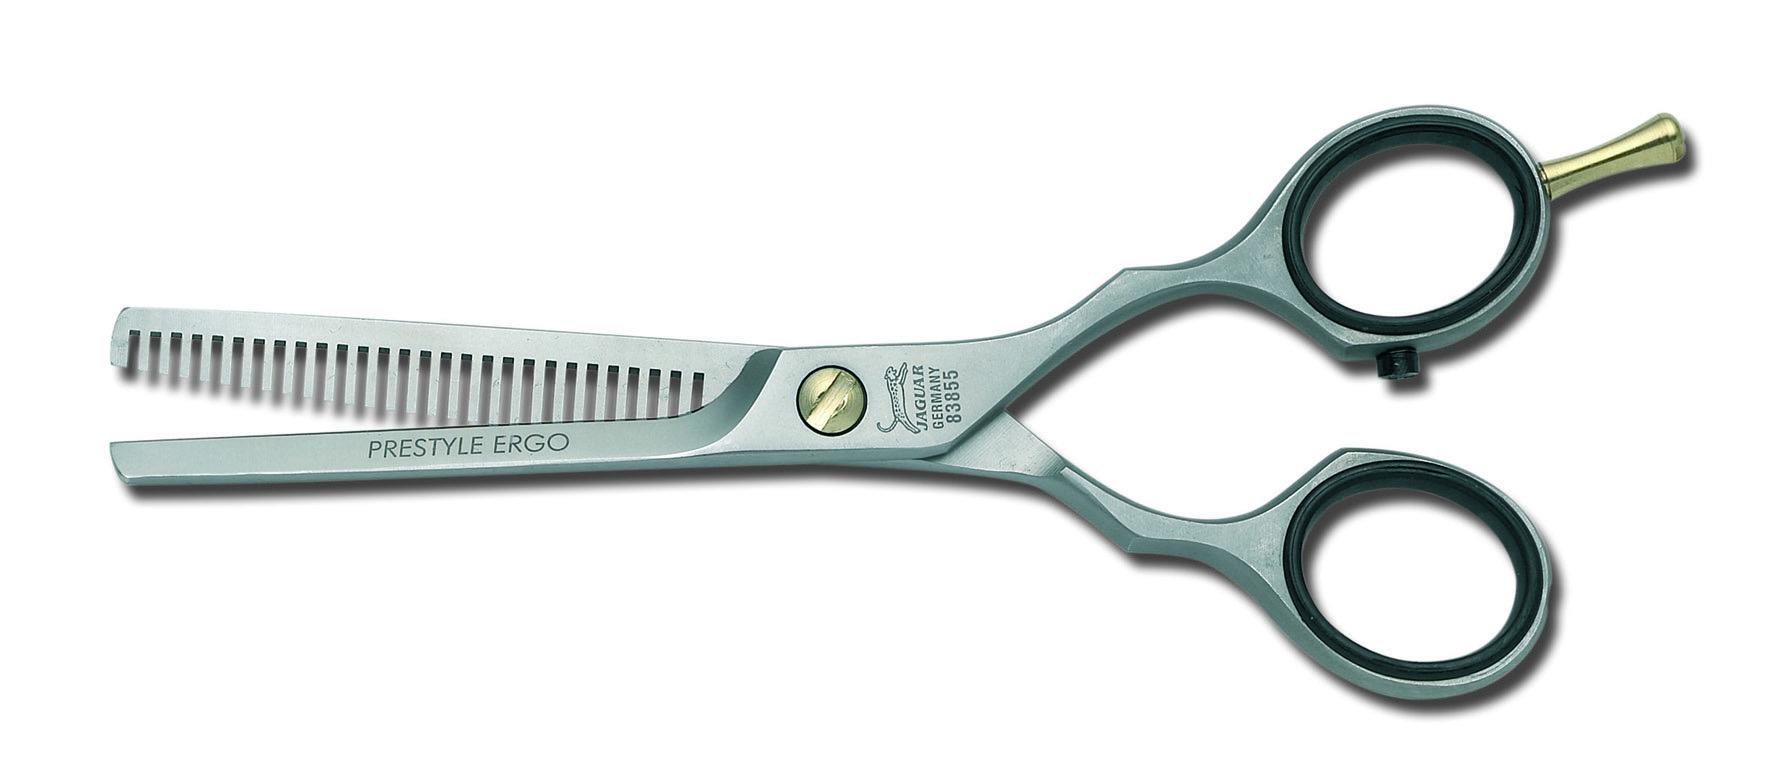 Ножницы парикмахерские филировочные Prestyle Jaguar Ergo, изображение 2.